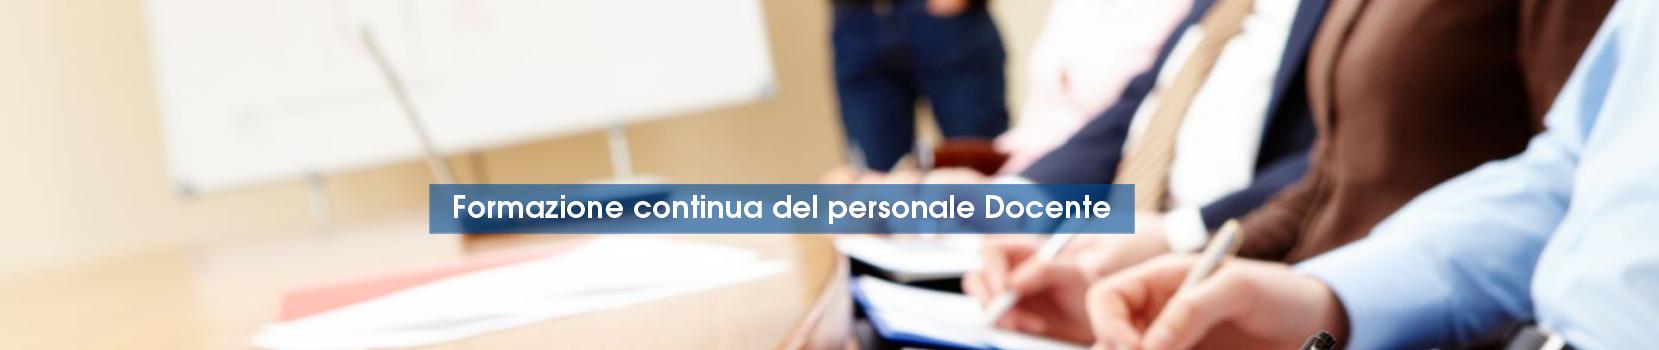 slide_formazione_continua_personale_docente